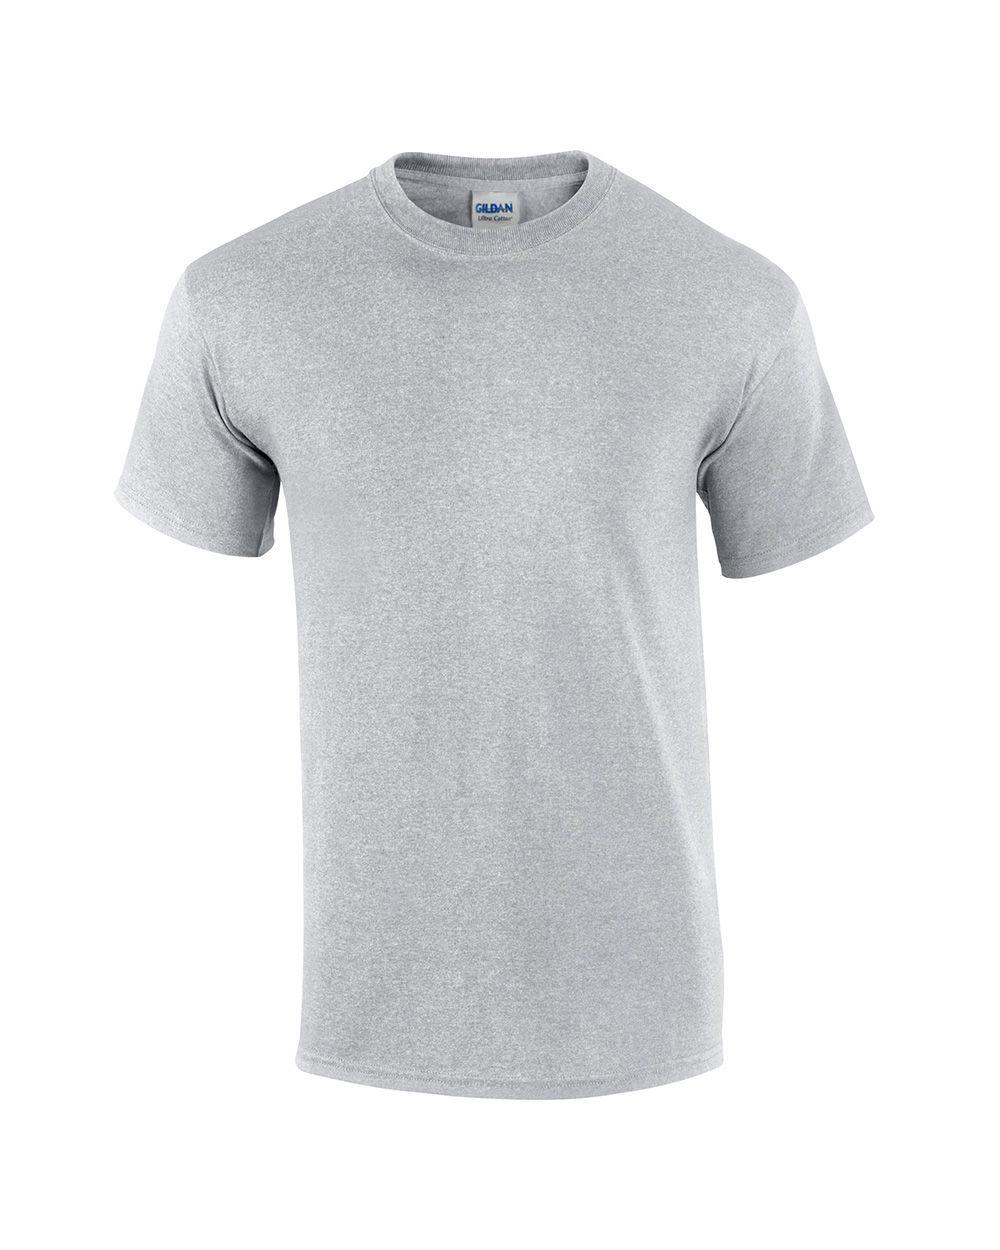 Kaos Polos Gildan Kualitas Bahan 20s 30s Ultra Cotton Harga Rp Basic 55000 Belum Termasuk Ongkos Kirim